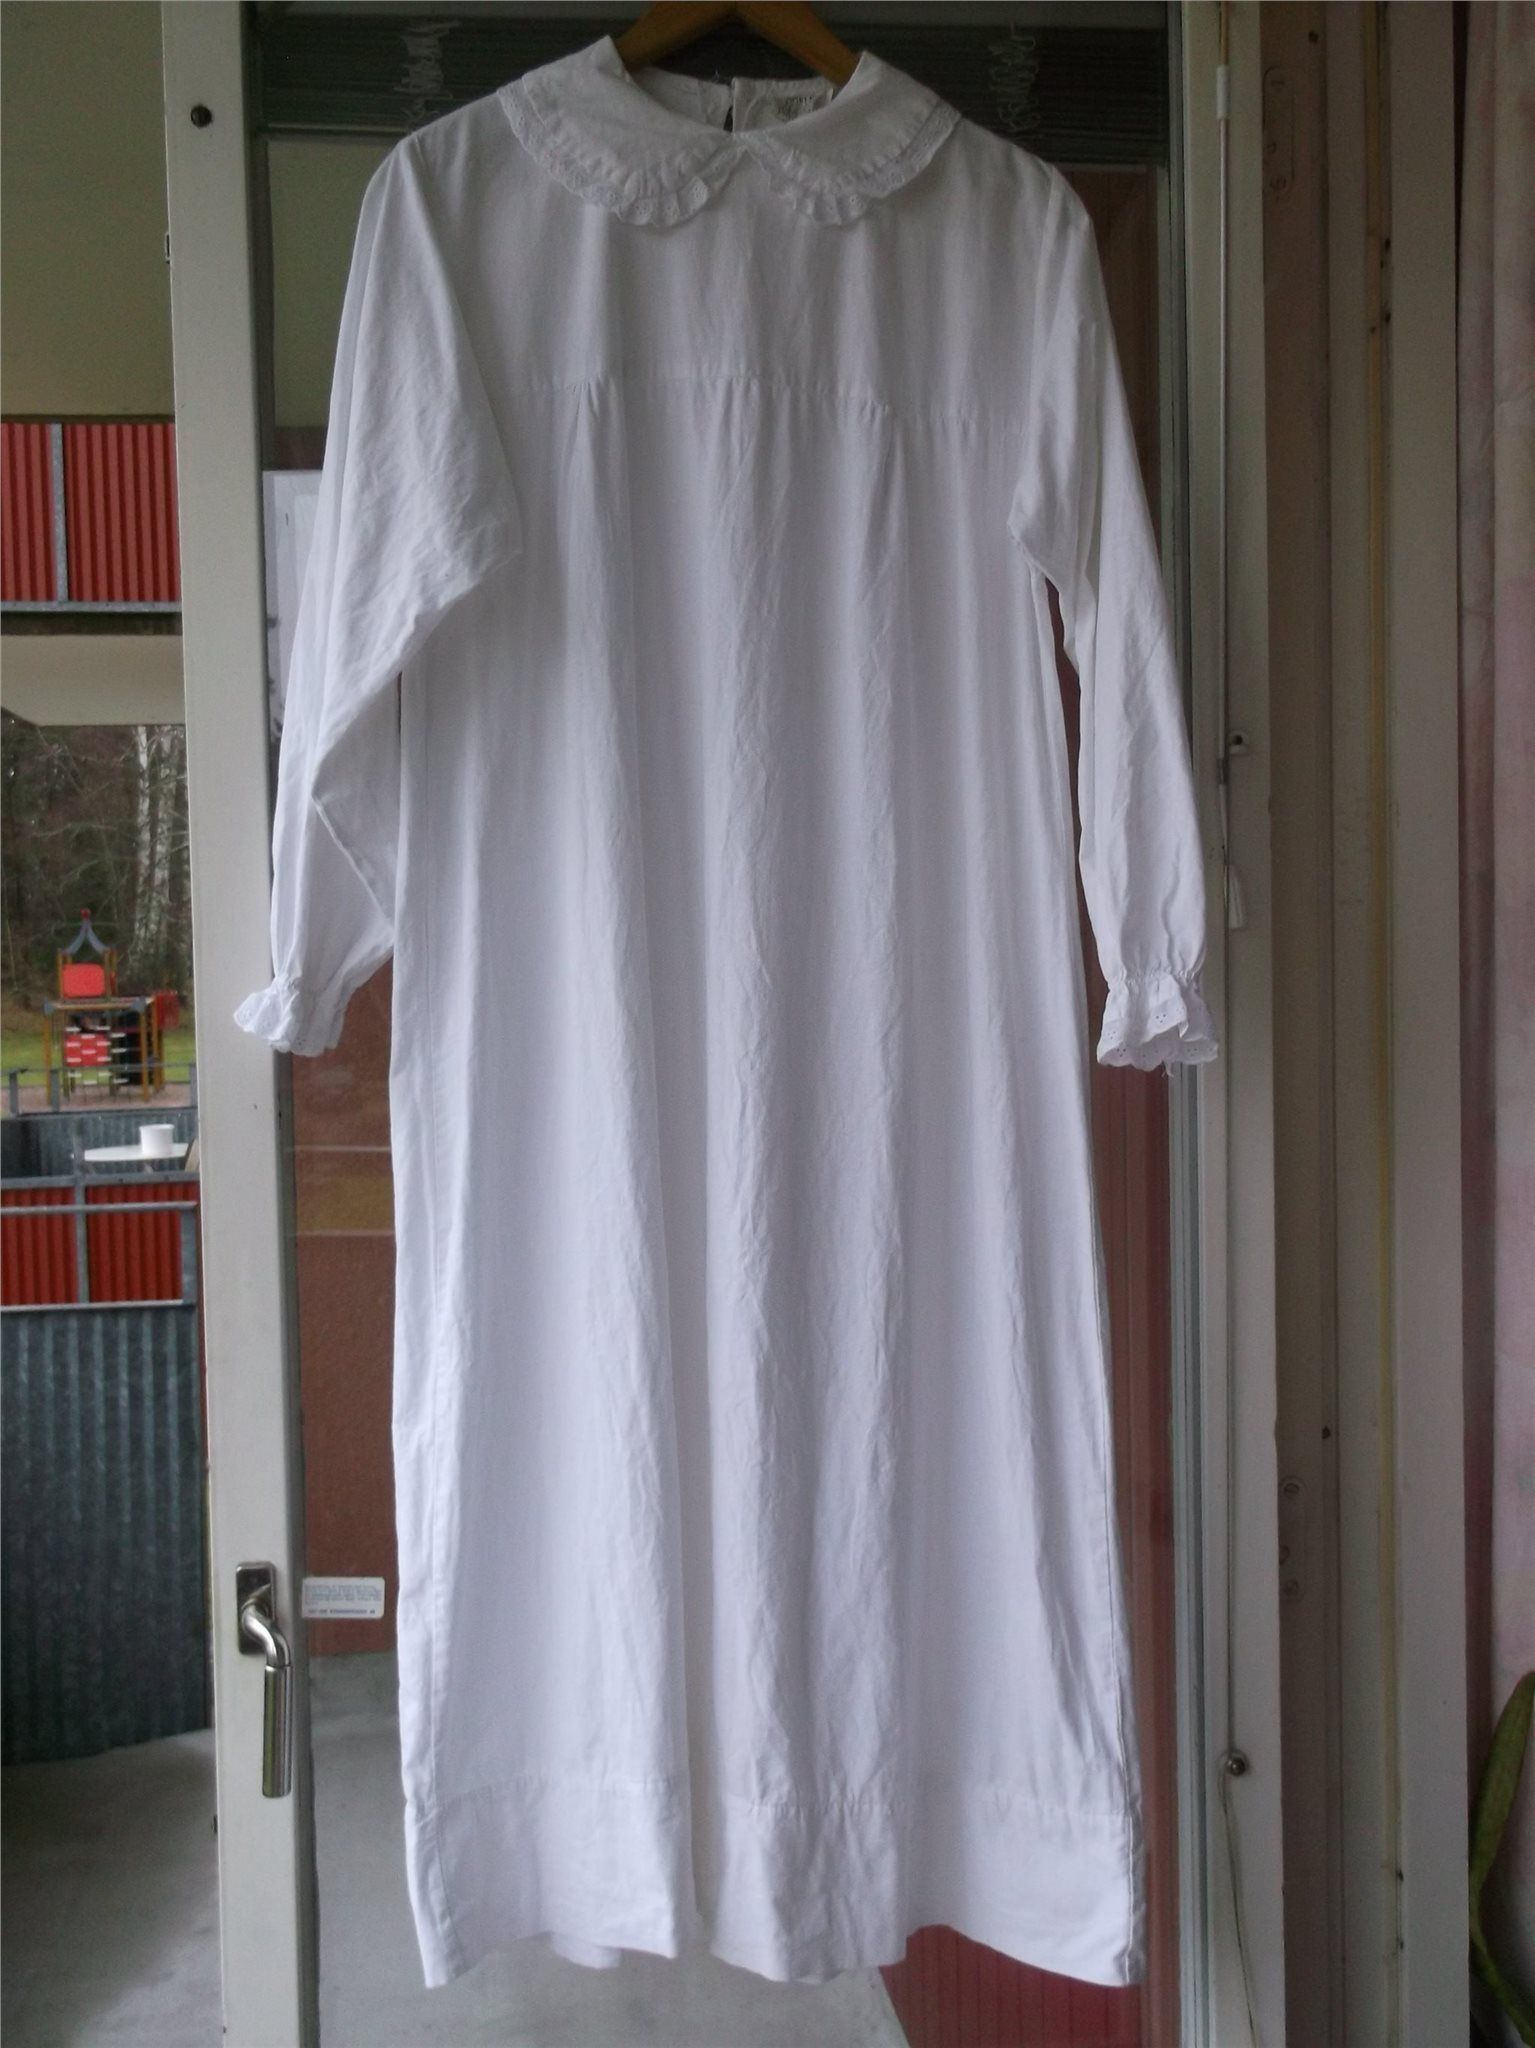 Helt nya Lucialinne luciaklänning lucia tärna tärngosse .. (363438280) ᐈ VC-23